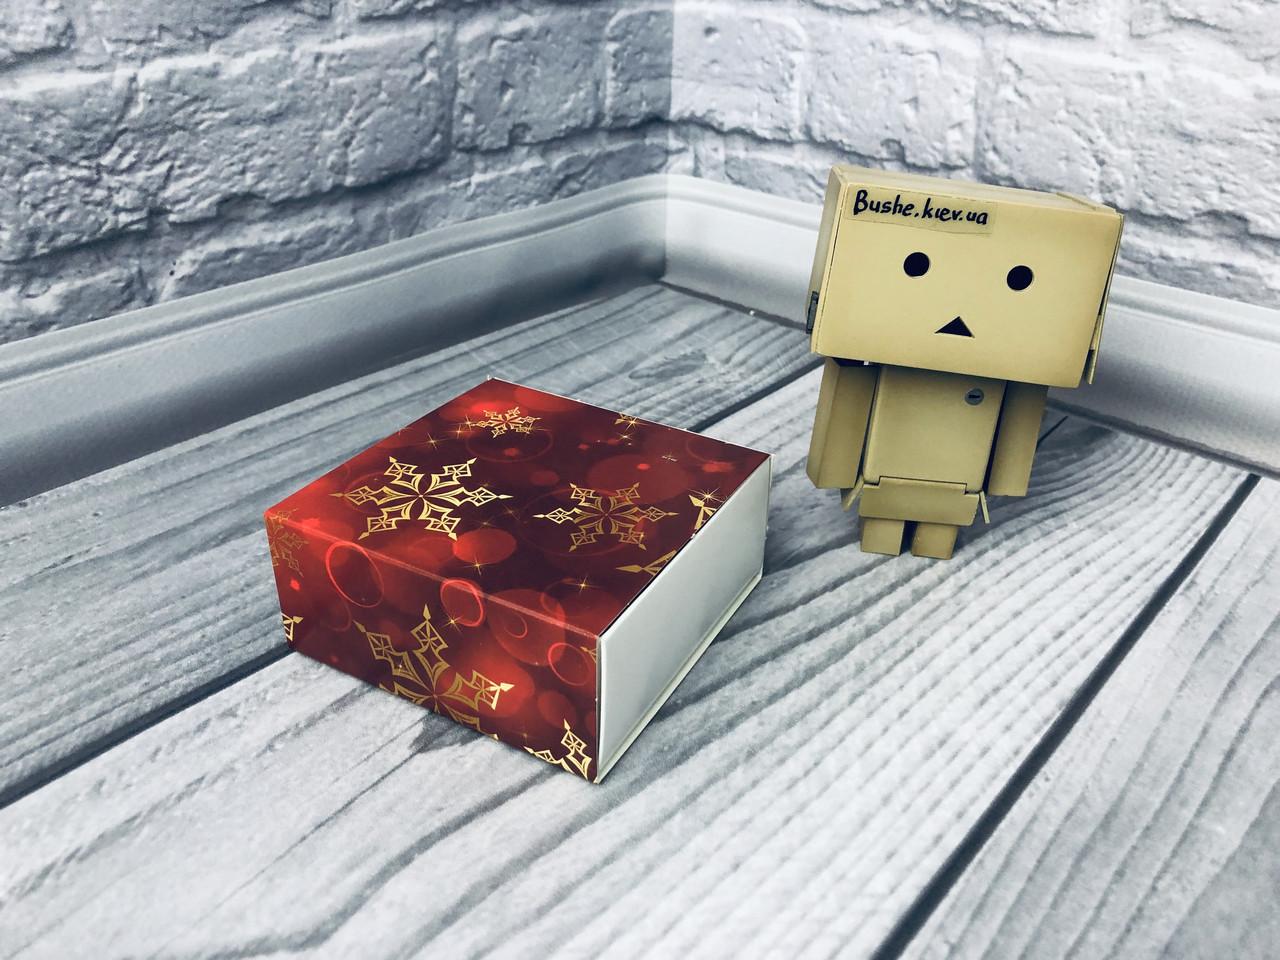 *50 шт* / Коробка для пряников / 80х80х35 мм / печать-Снег.Красн / б.о. / НГ